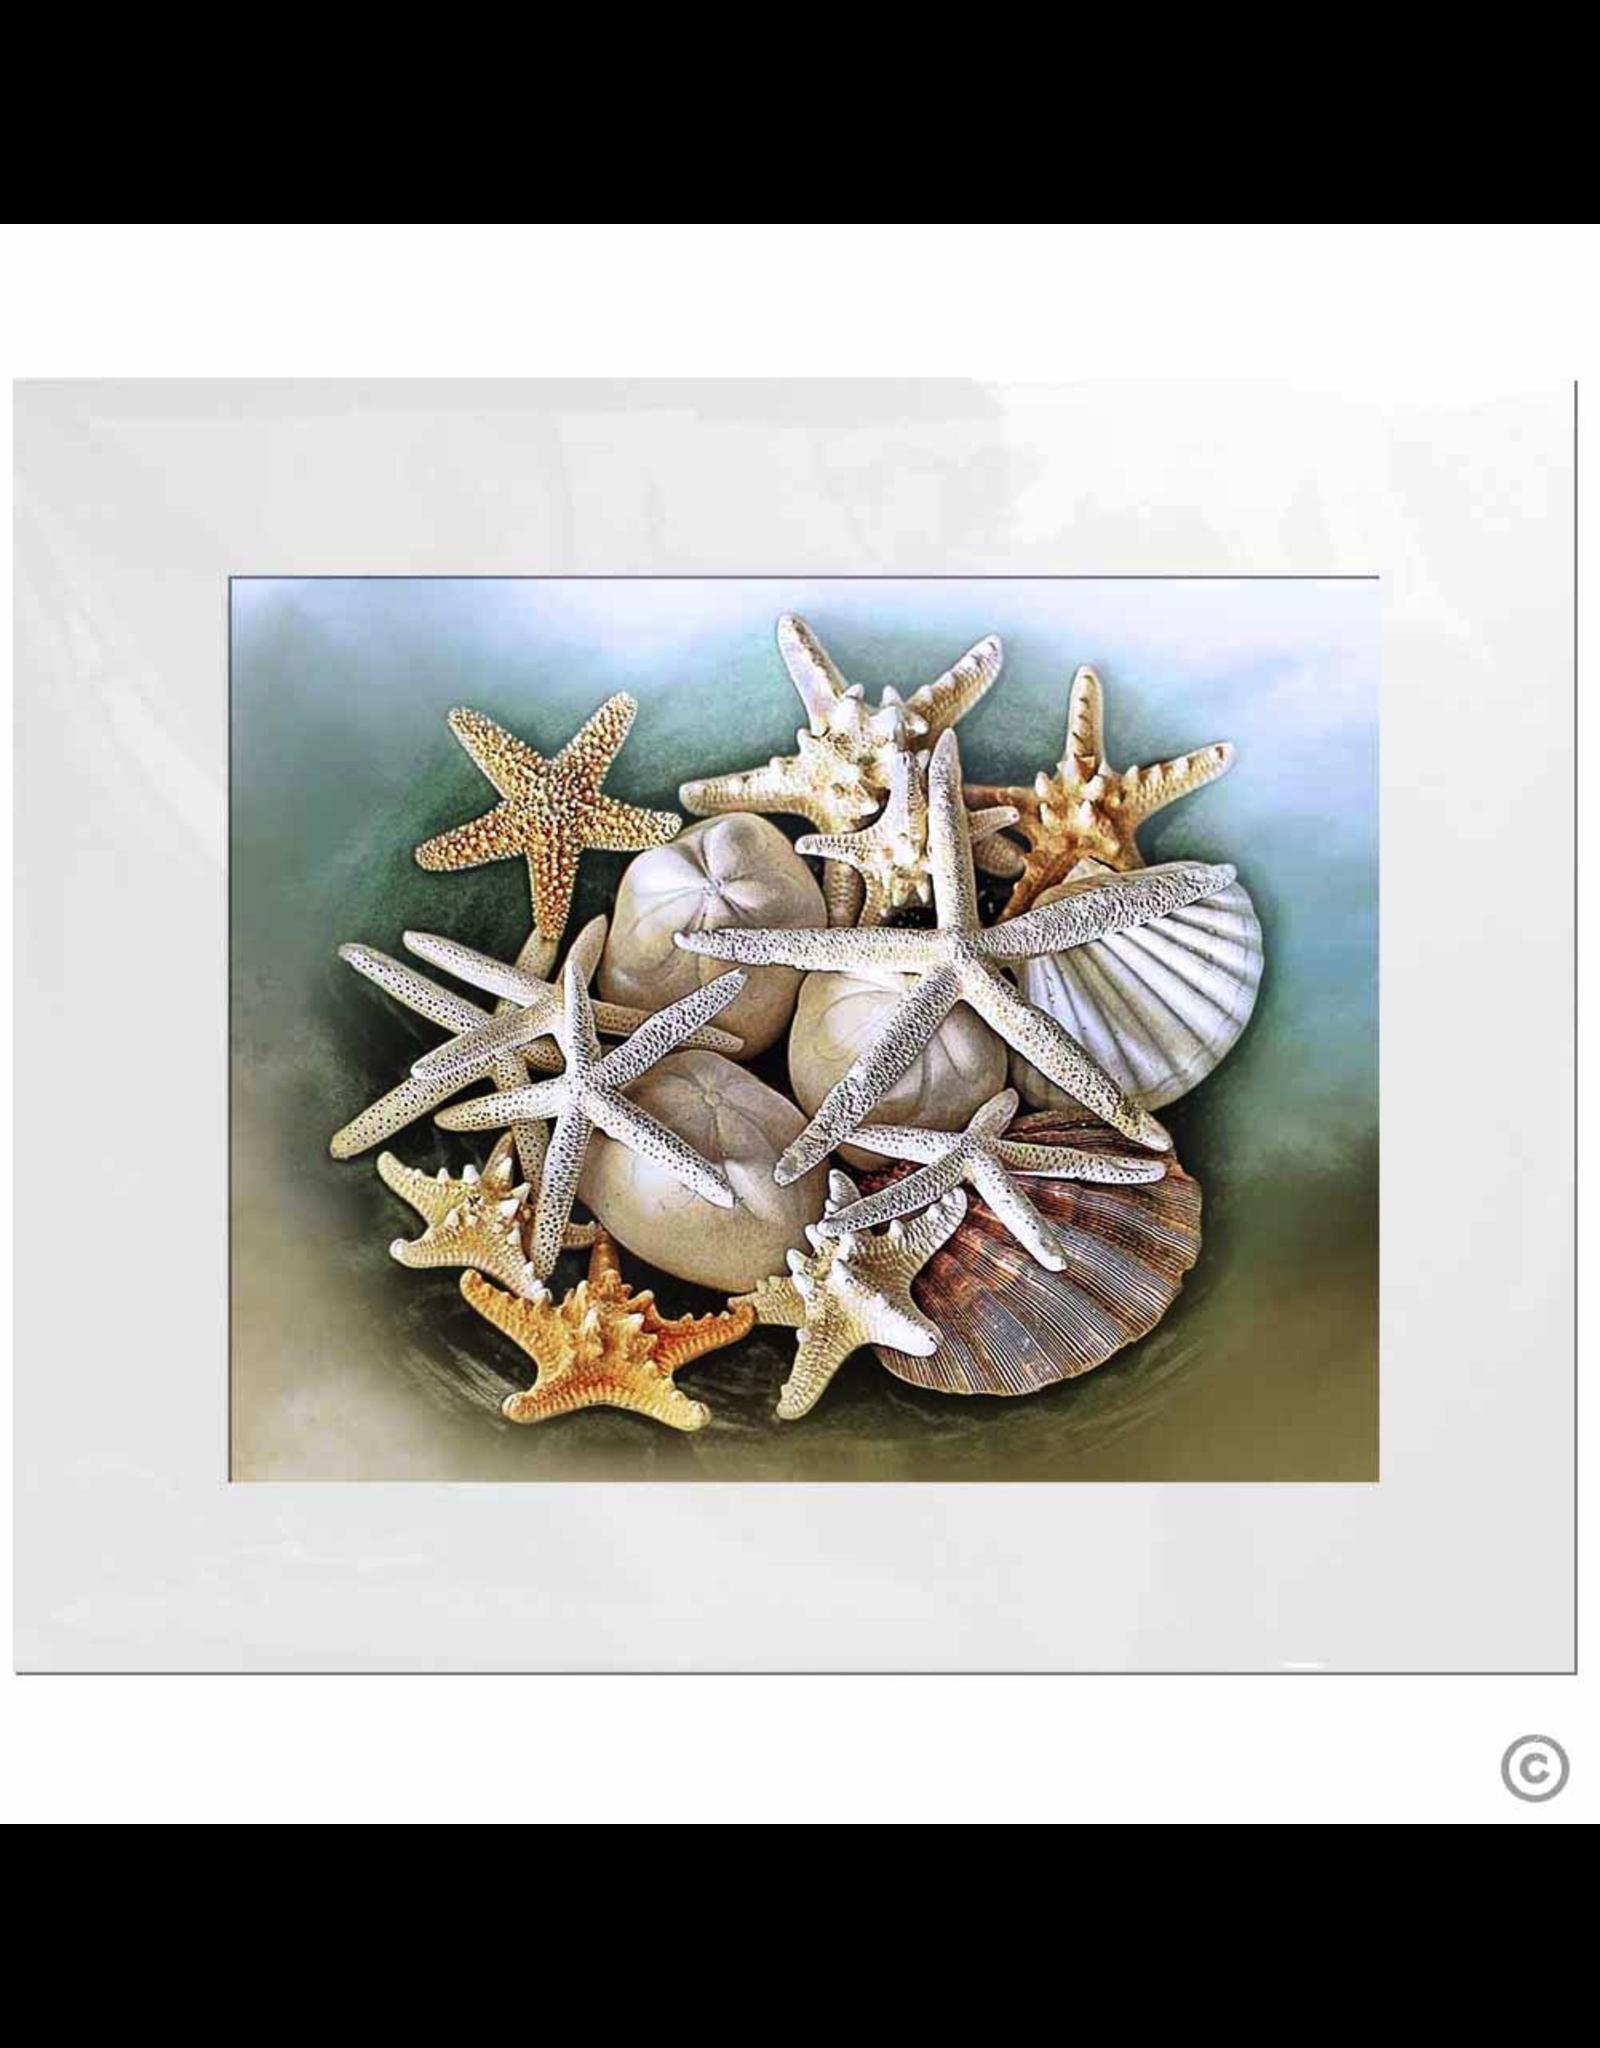 Maureen Terrien Photography Art Print Memories of the Beach 11x14 - 16x20 Matted